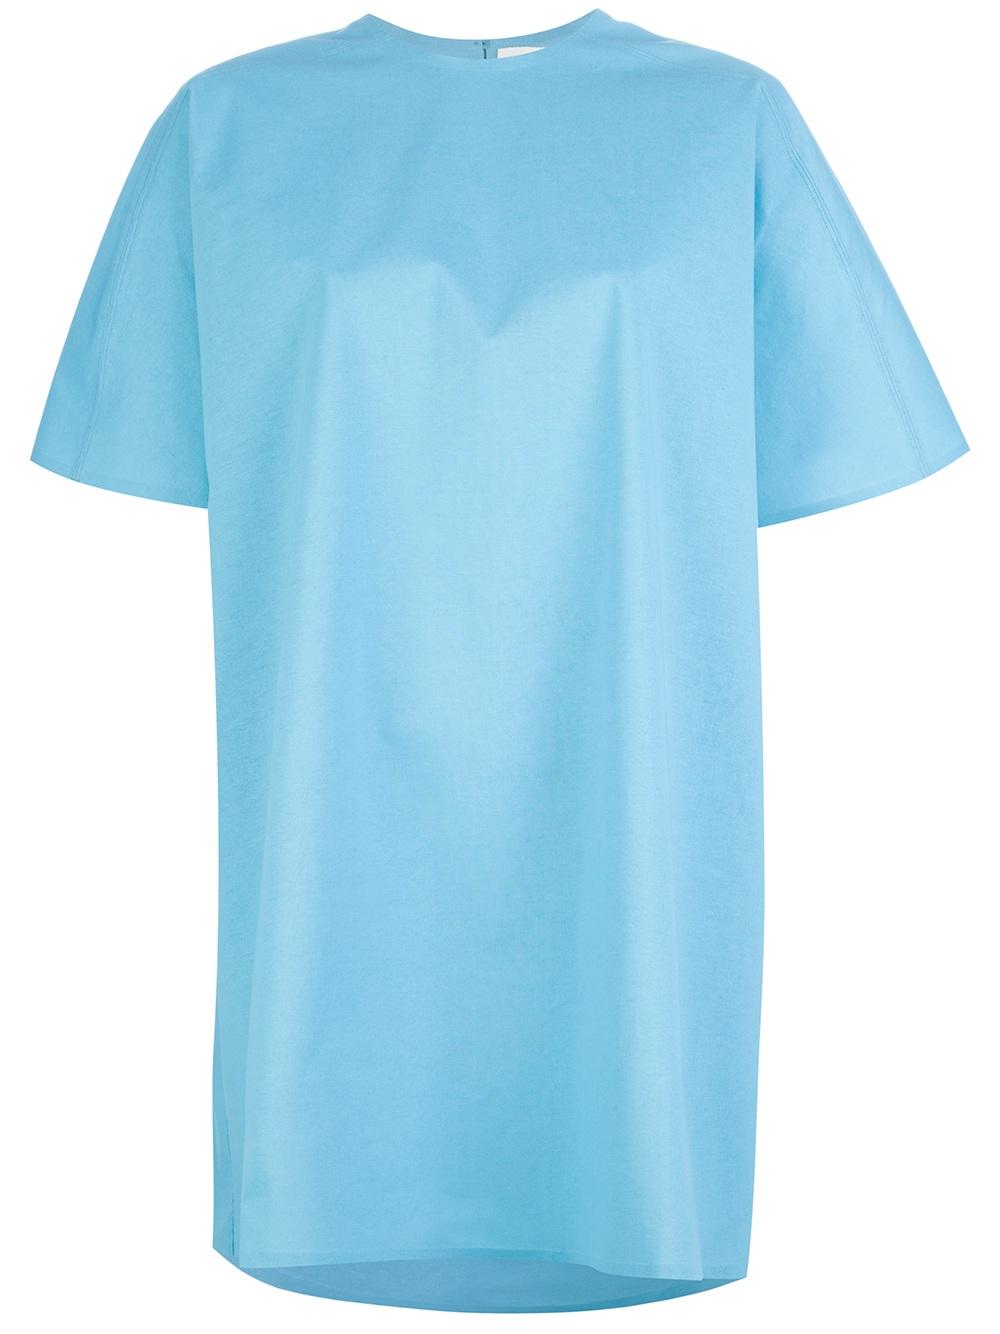 Balenciaga Oversized Papier T Shirt Dress In Blue Lyst